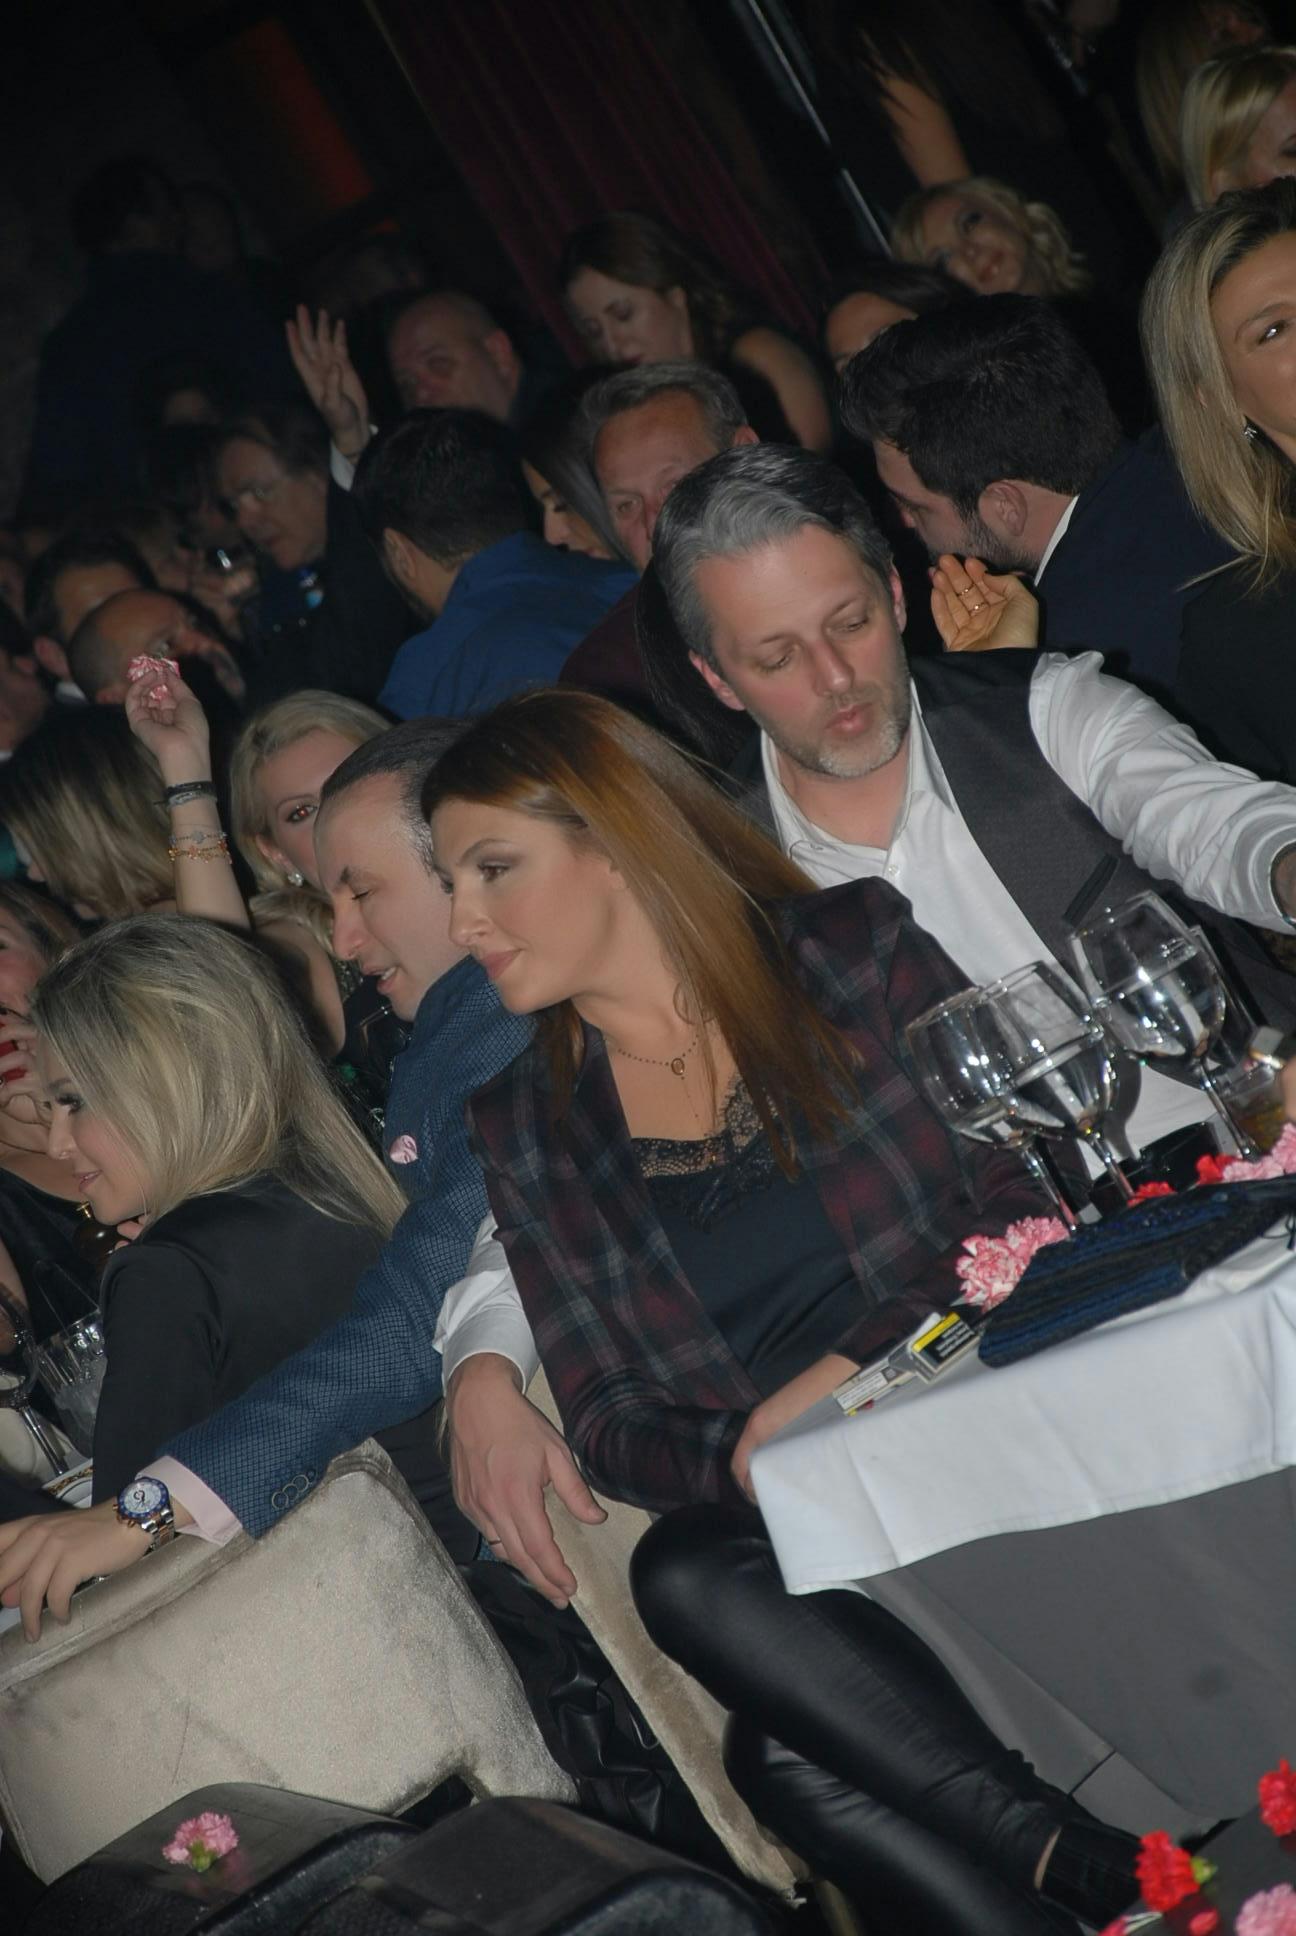 Έλενα Παπαρίζου: Διασκέδασε με τον σύζυγό της στον Πάριο! [pics] | tlife.gr